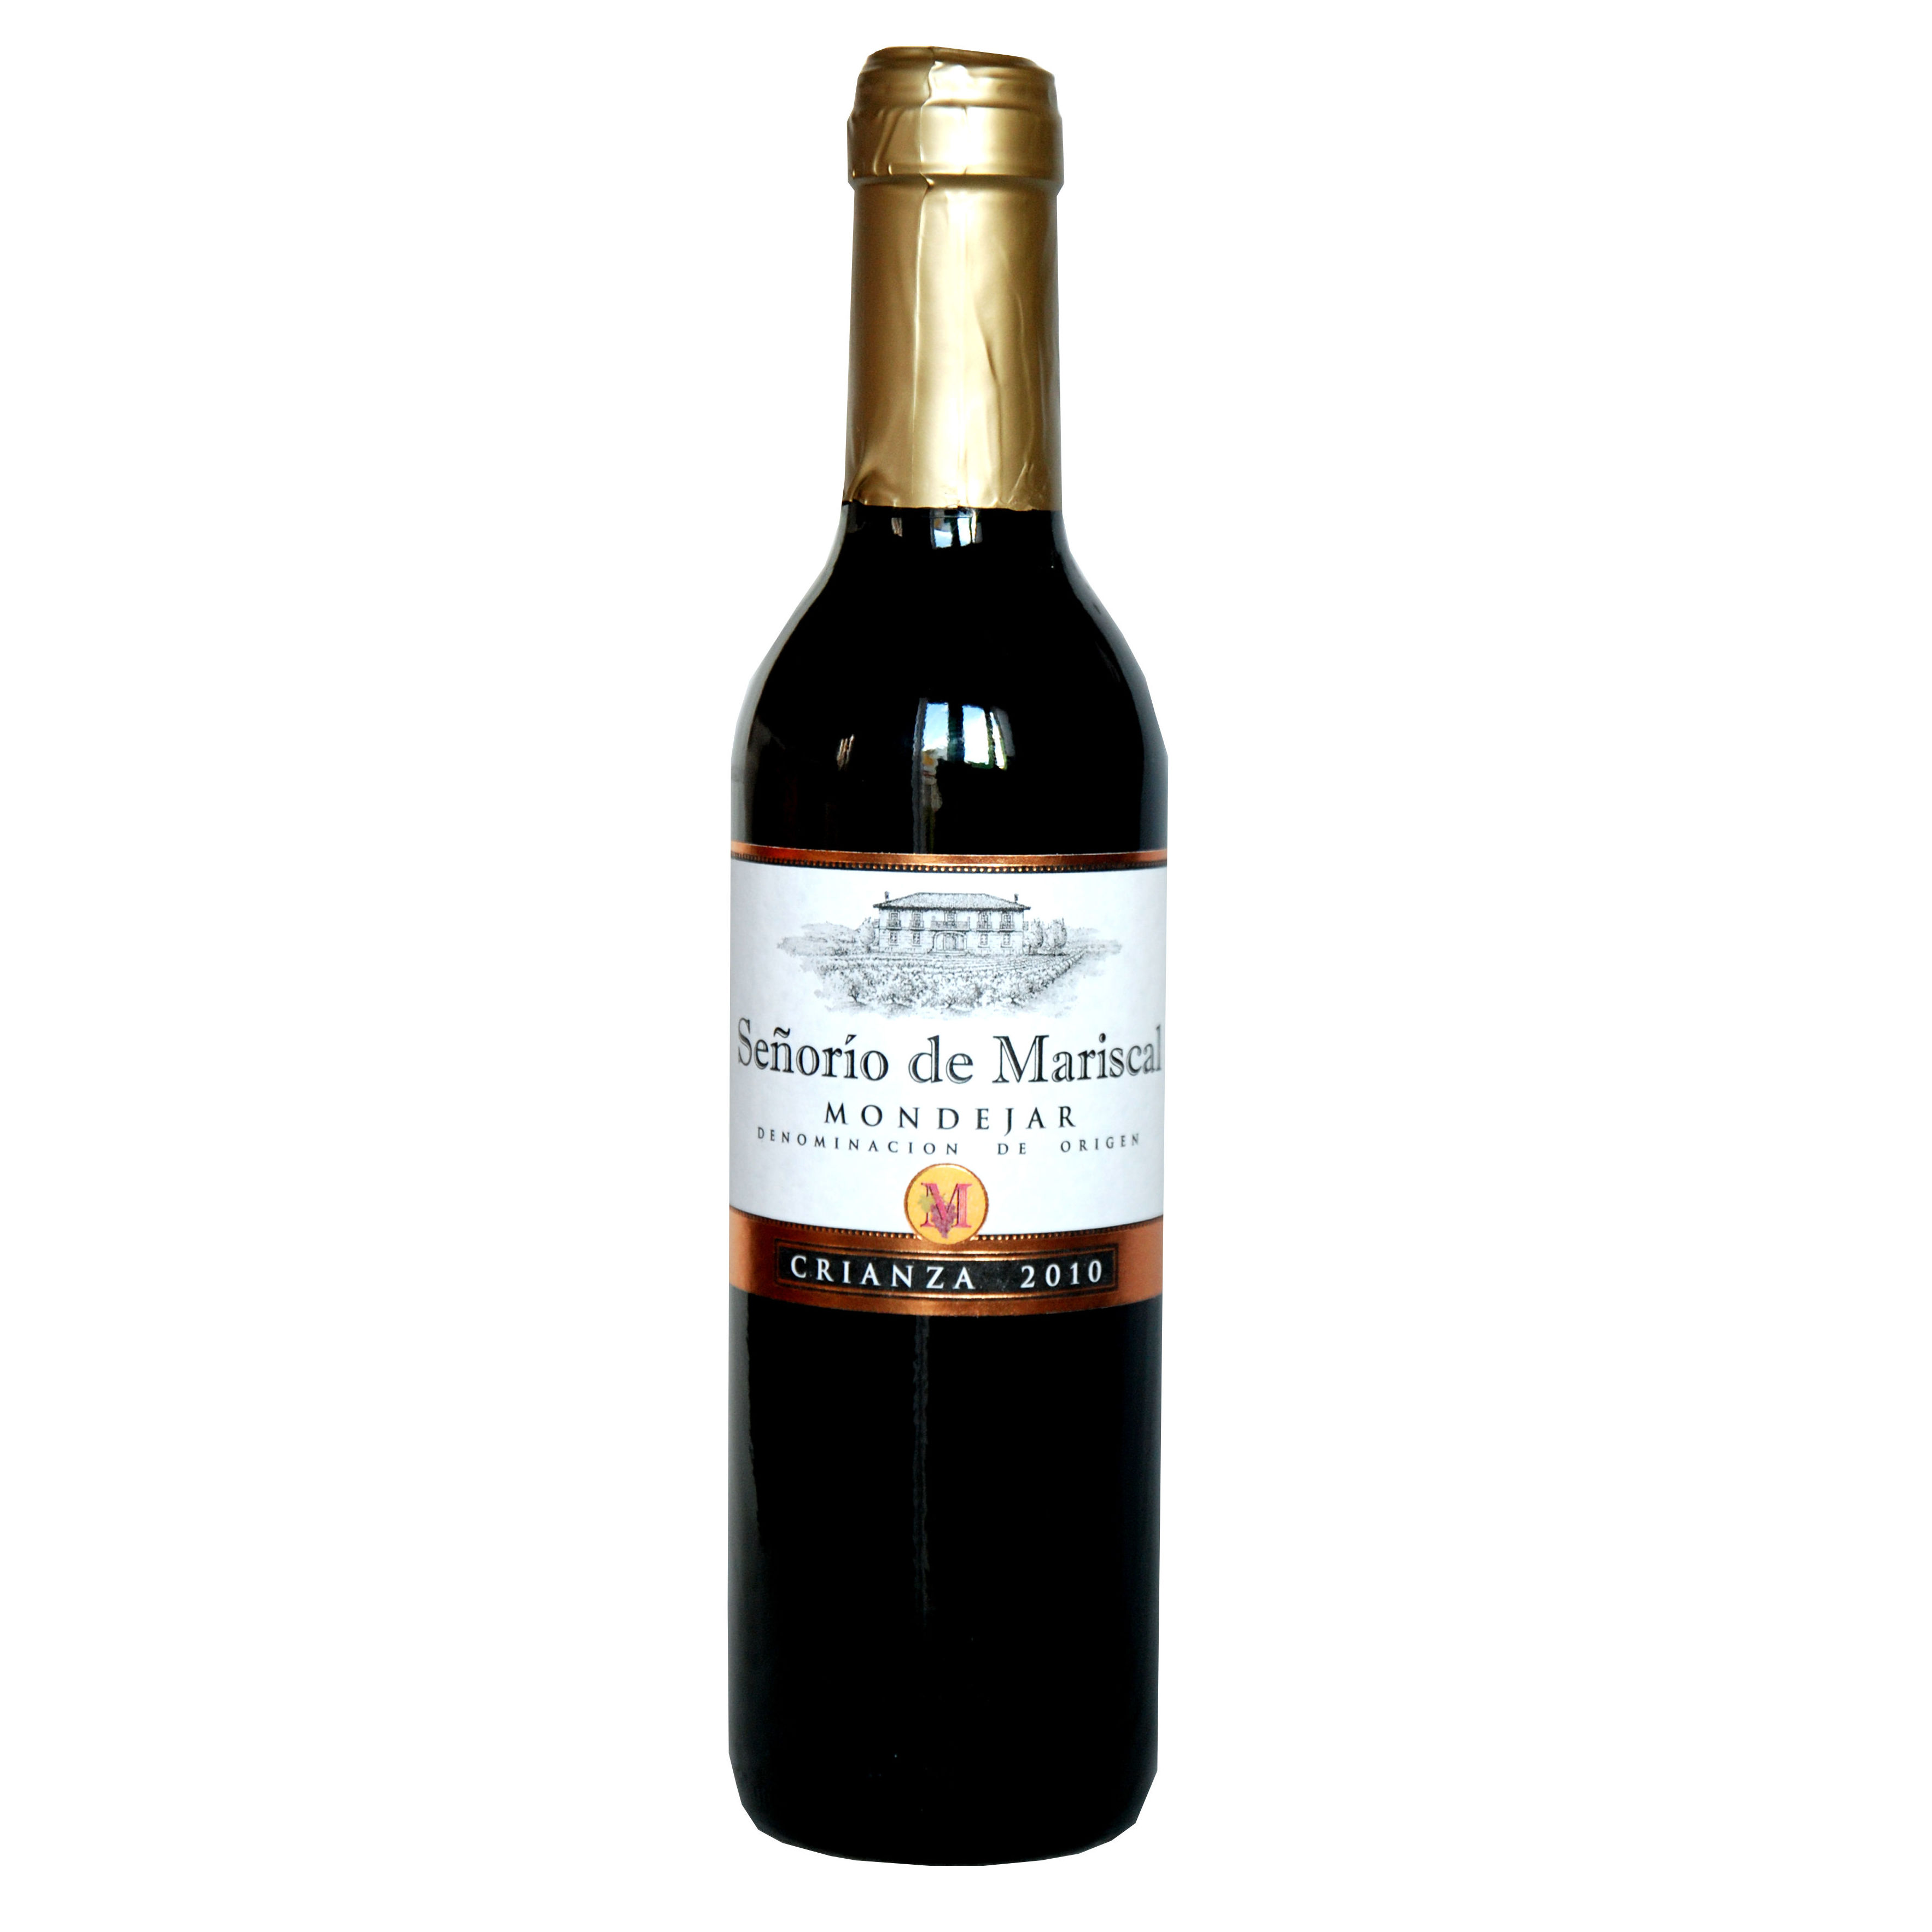 Foto 67 de Venta de vinos con denominación de origen Mondejar en Mondéjar | Bodegas Mariscal